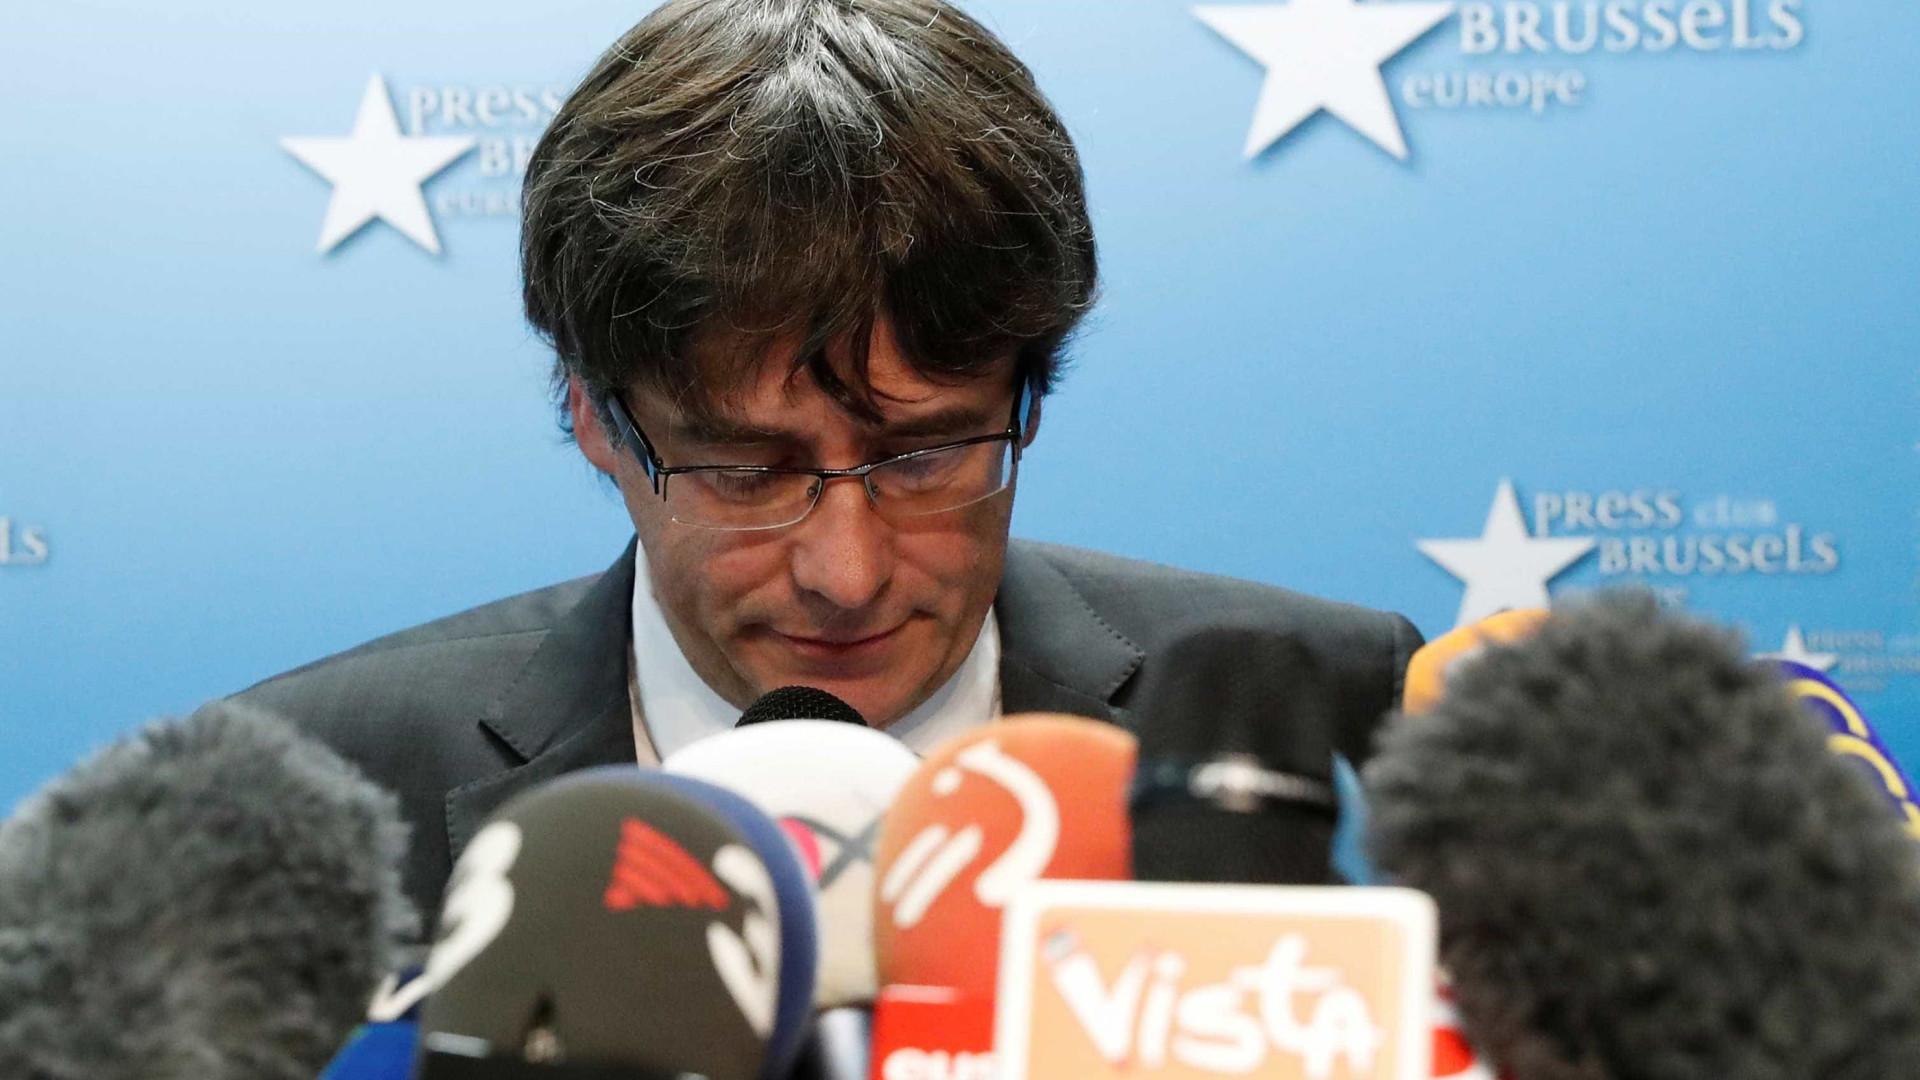 Ministério Público pede prisão para membros do Governo catalão